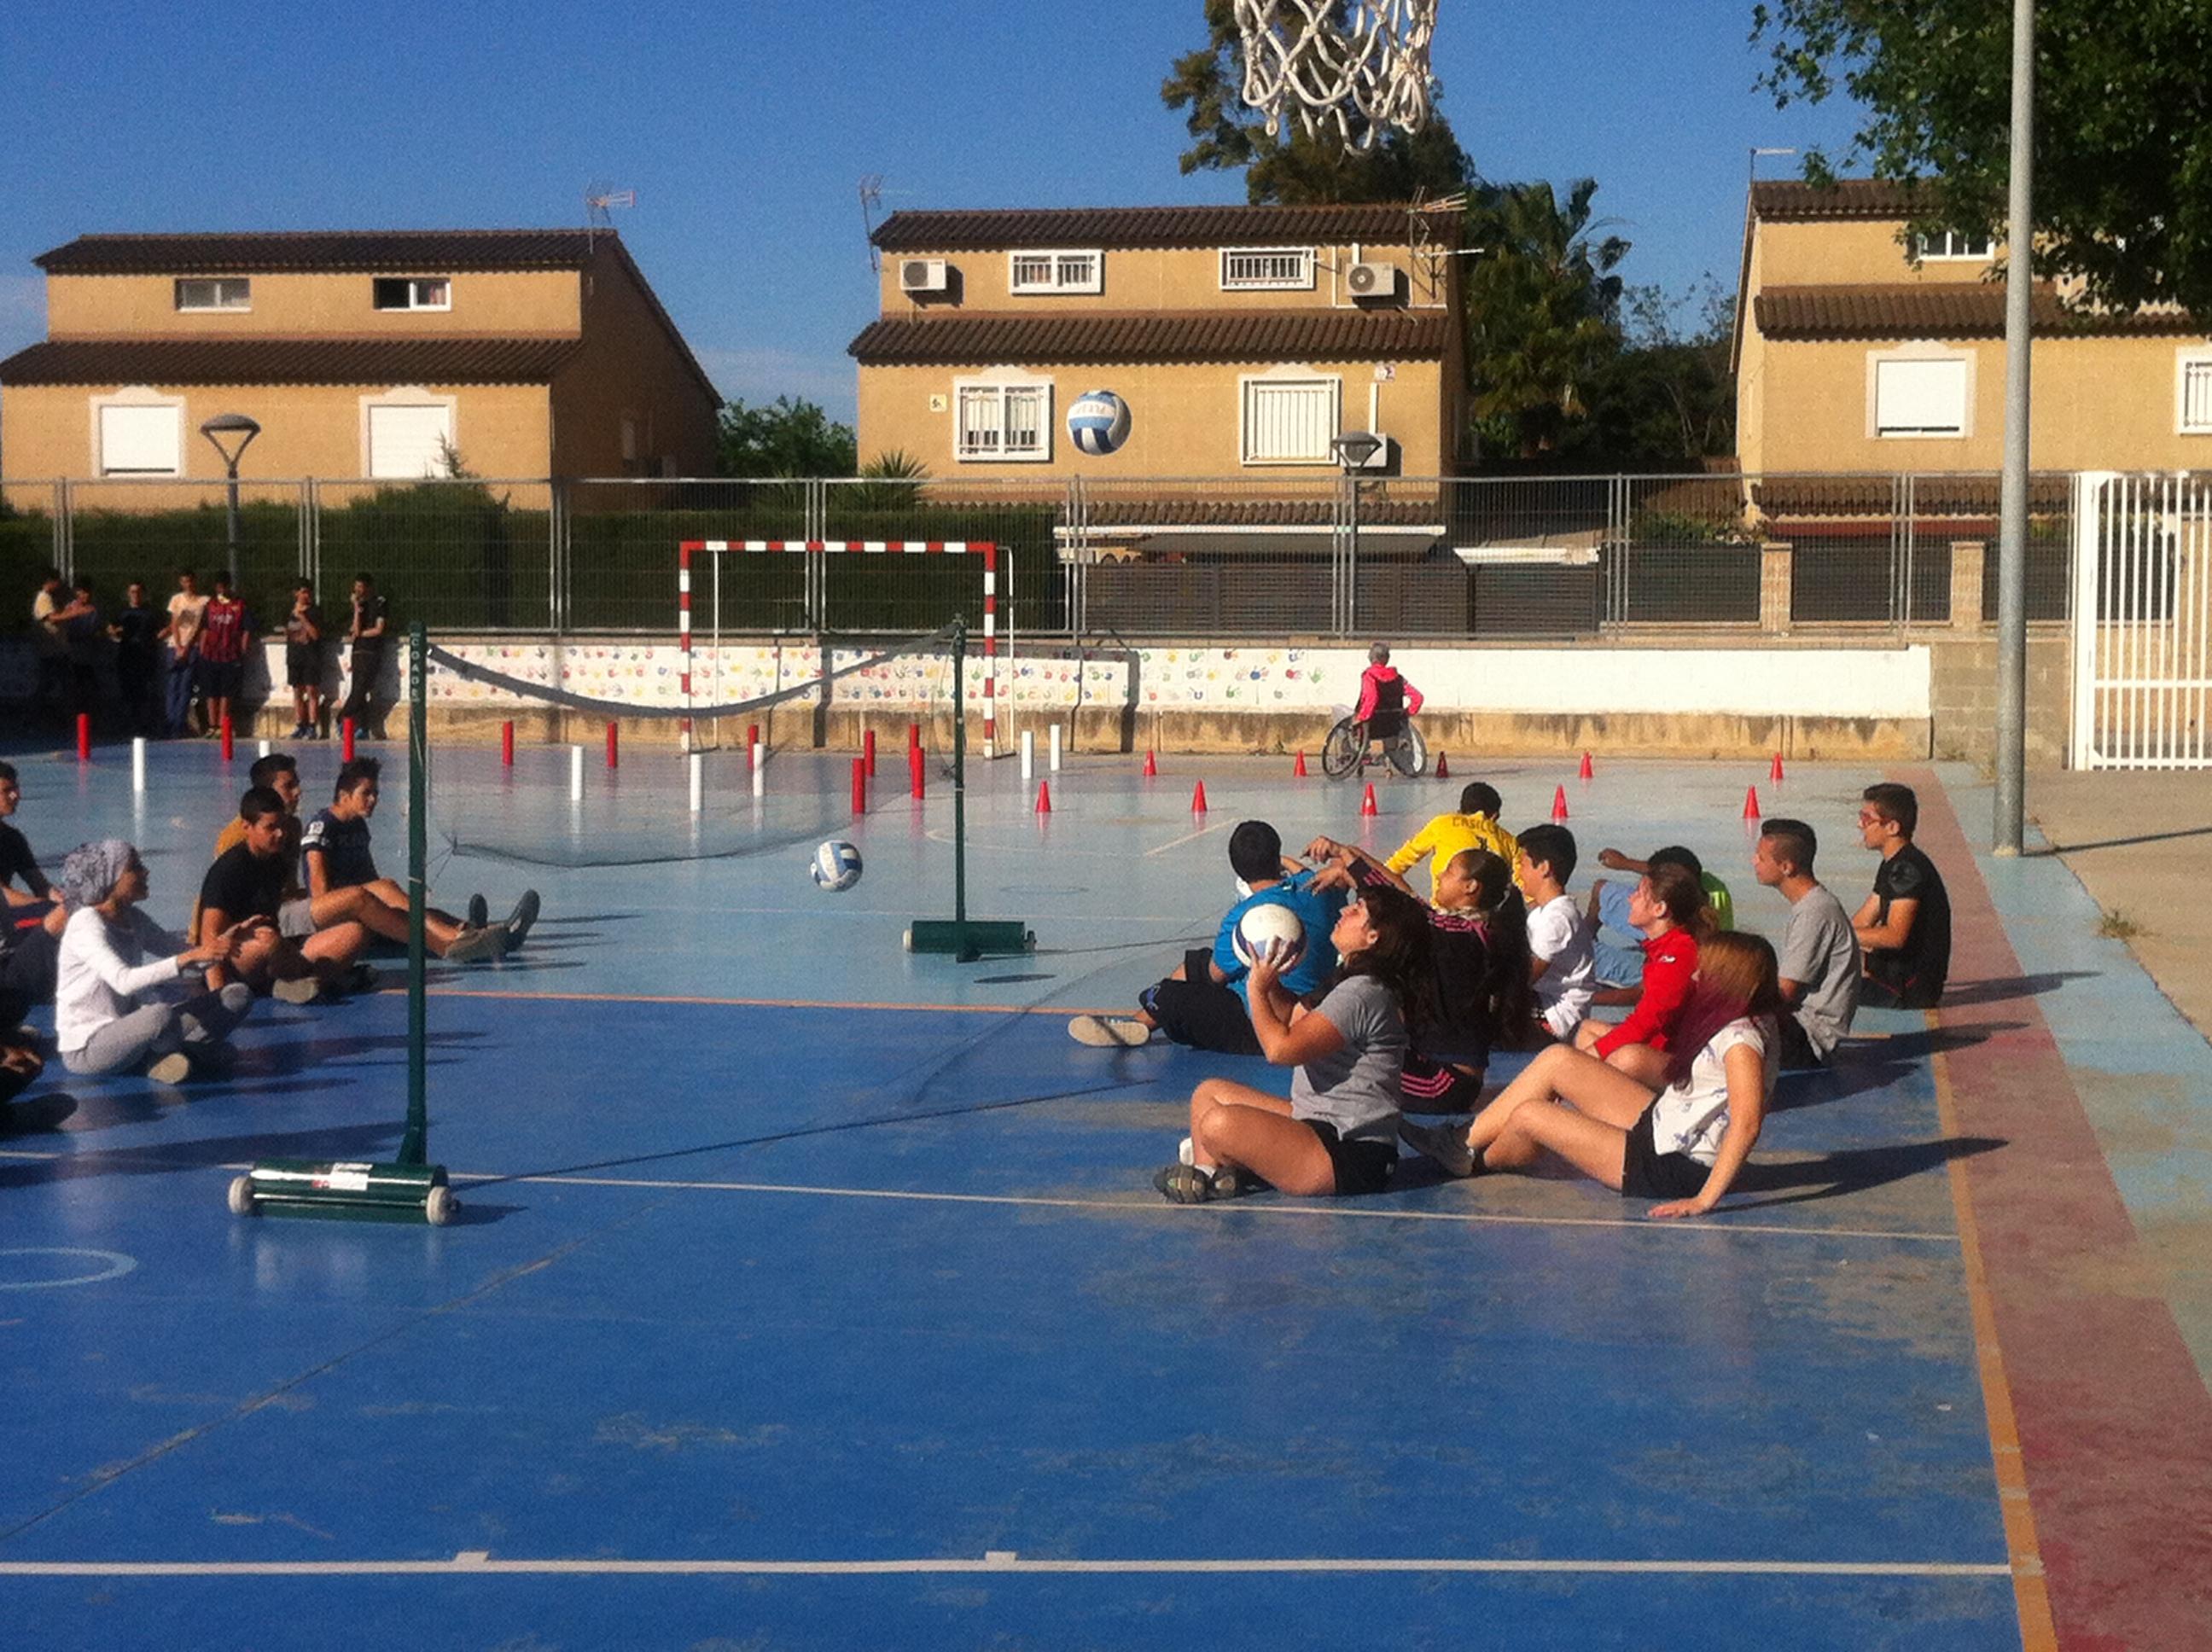 Activitats als centres educatius amb motiu dels viii jocs - Pavello olimpic reus ...